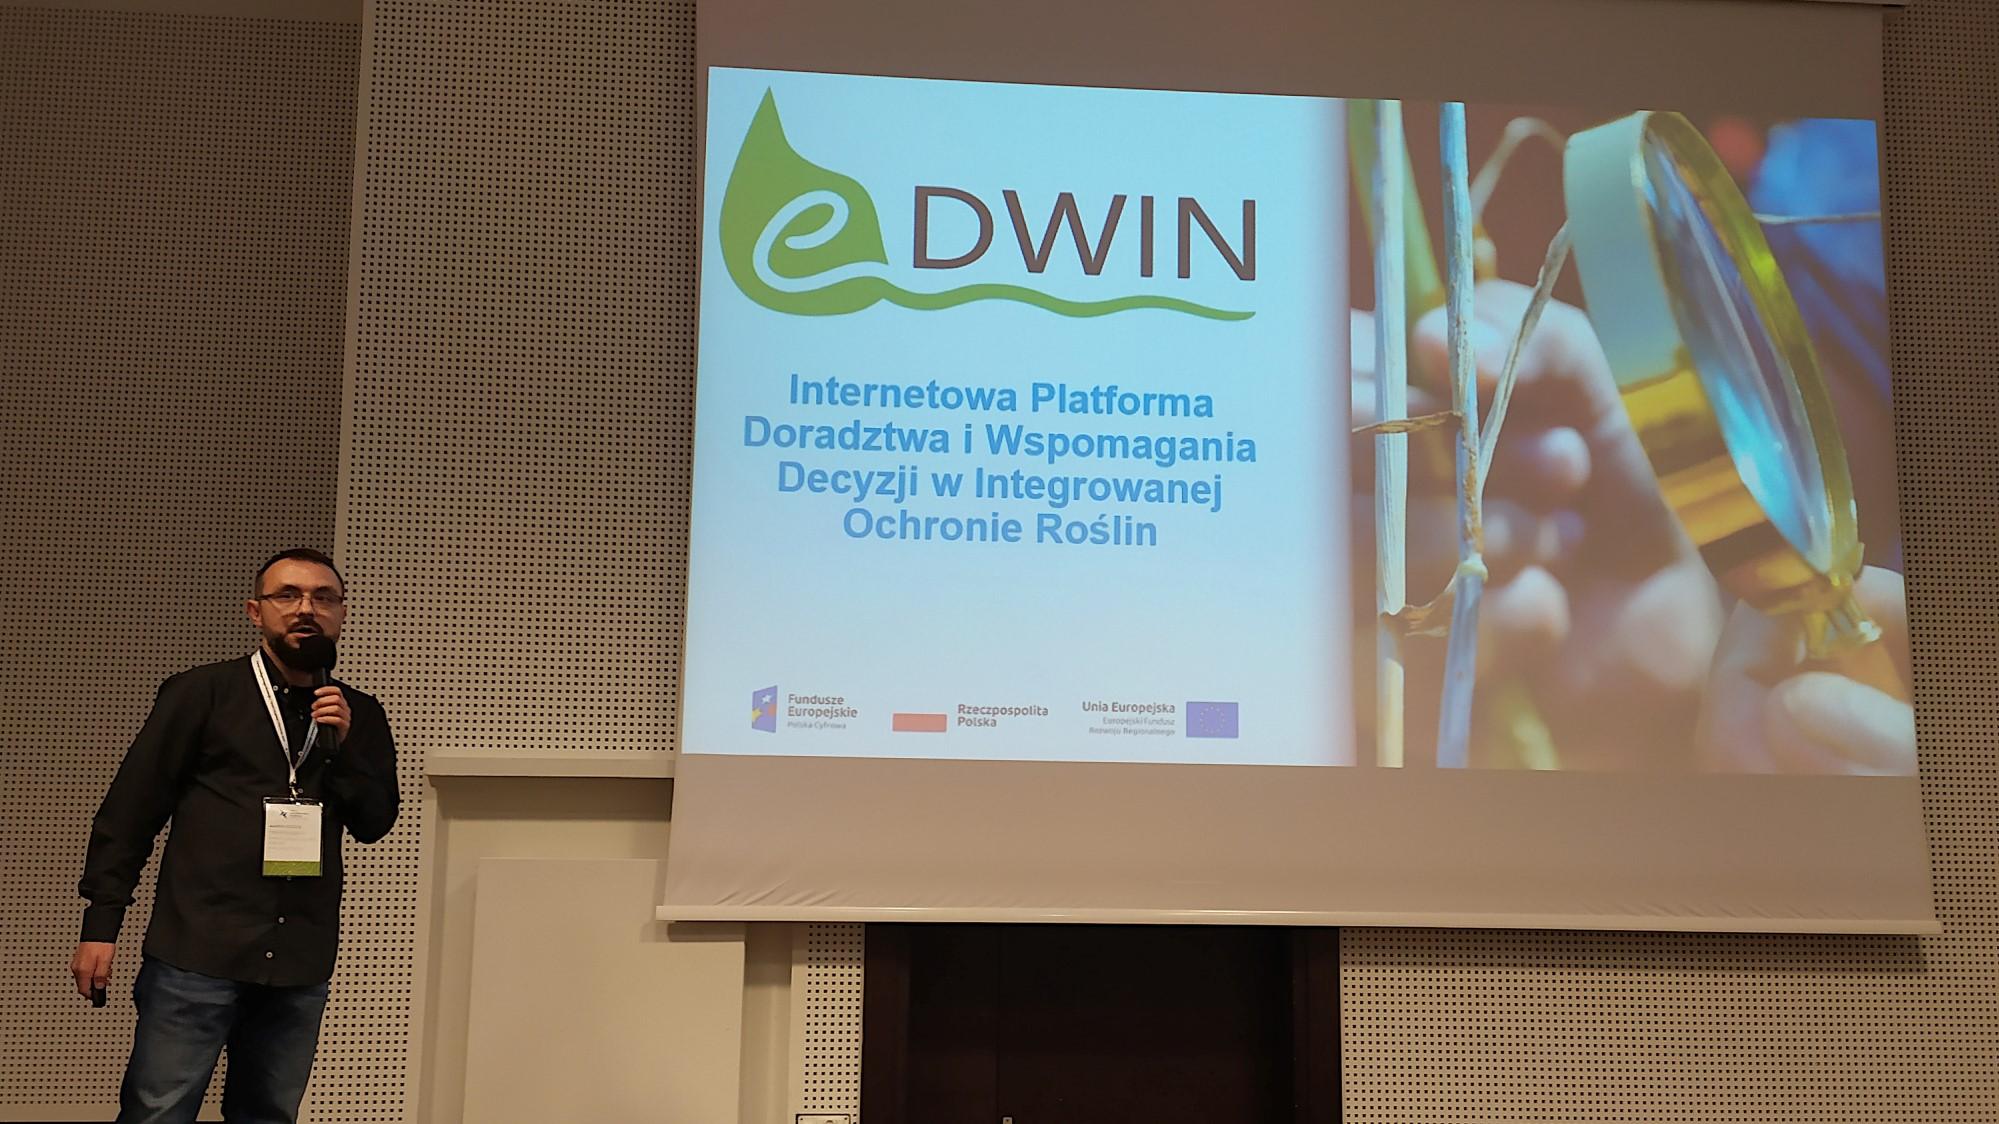 Projekt eDWIN nagrodzony na Forum Inteligentnego Rozwoju